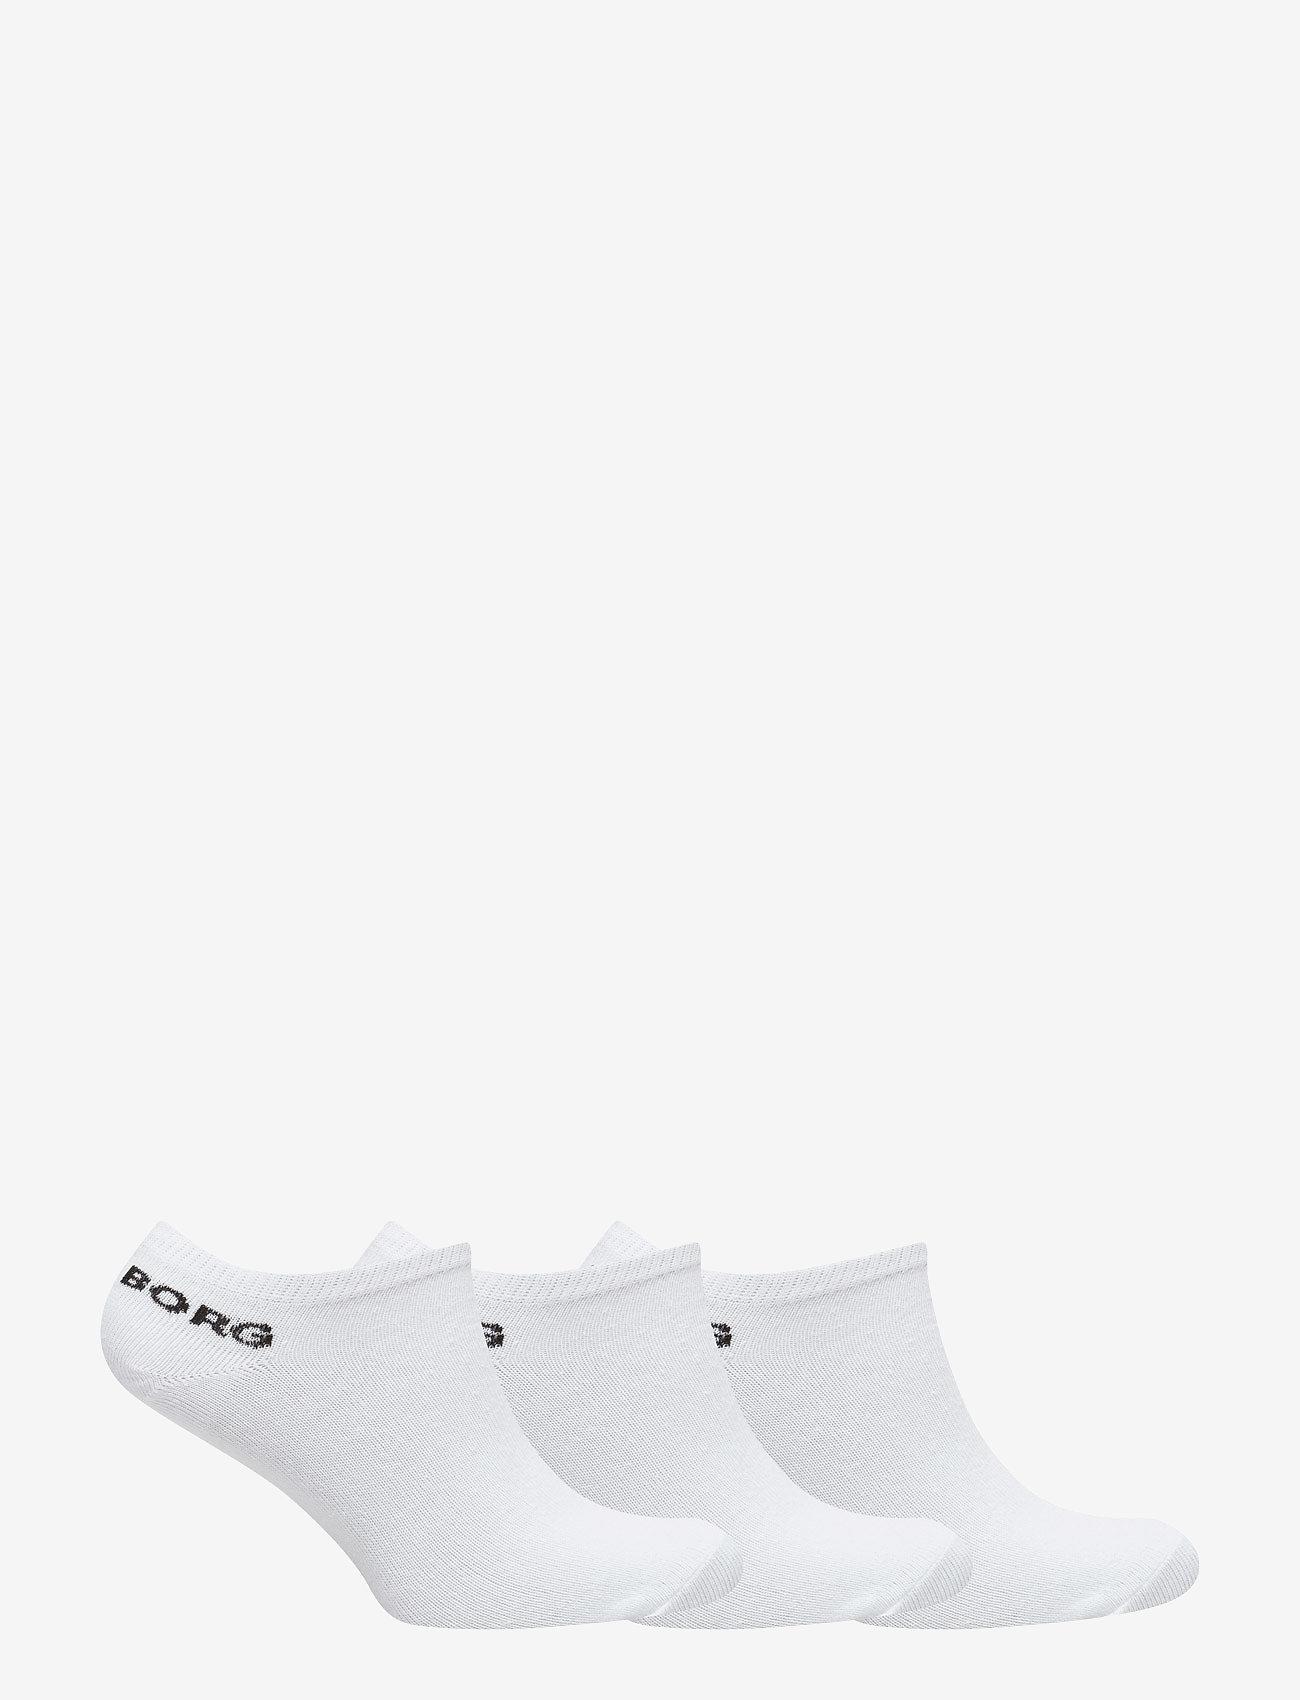 Björn Borg - SOCK ESSENTIAL 3p - gewone sokken - white - 1